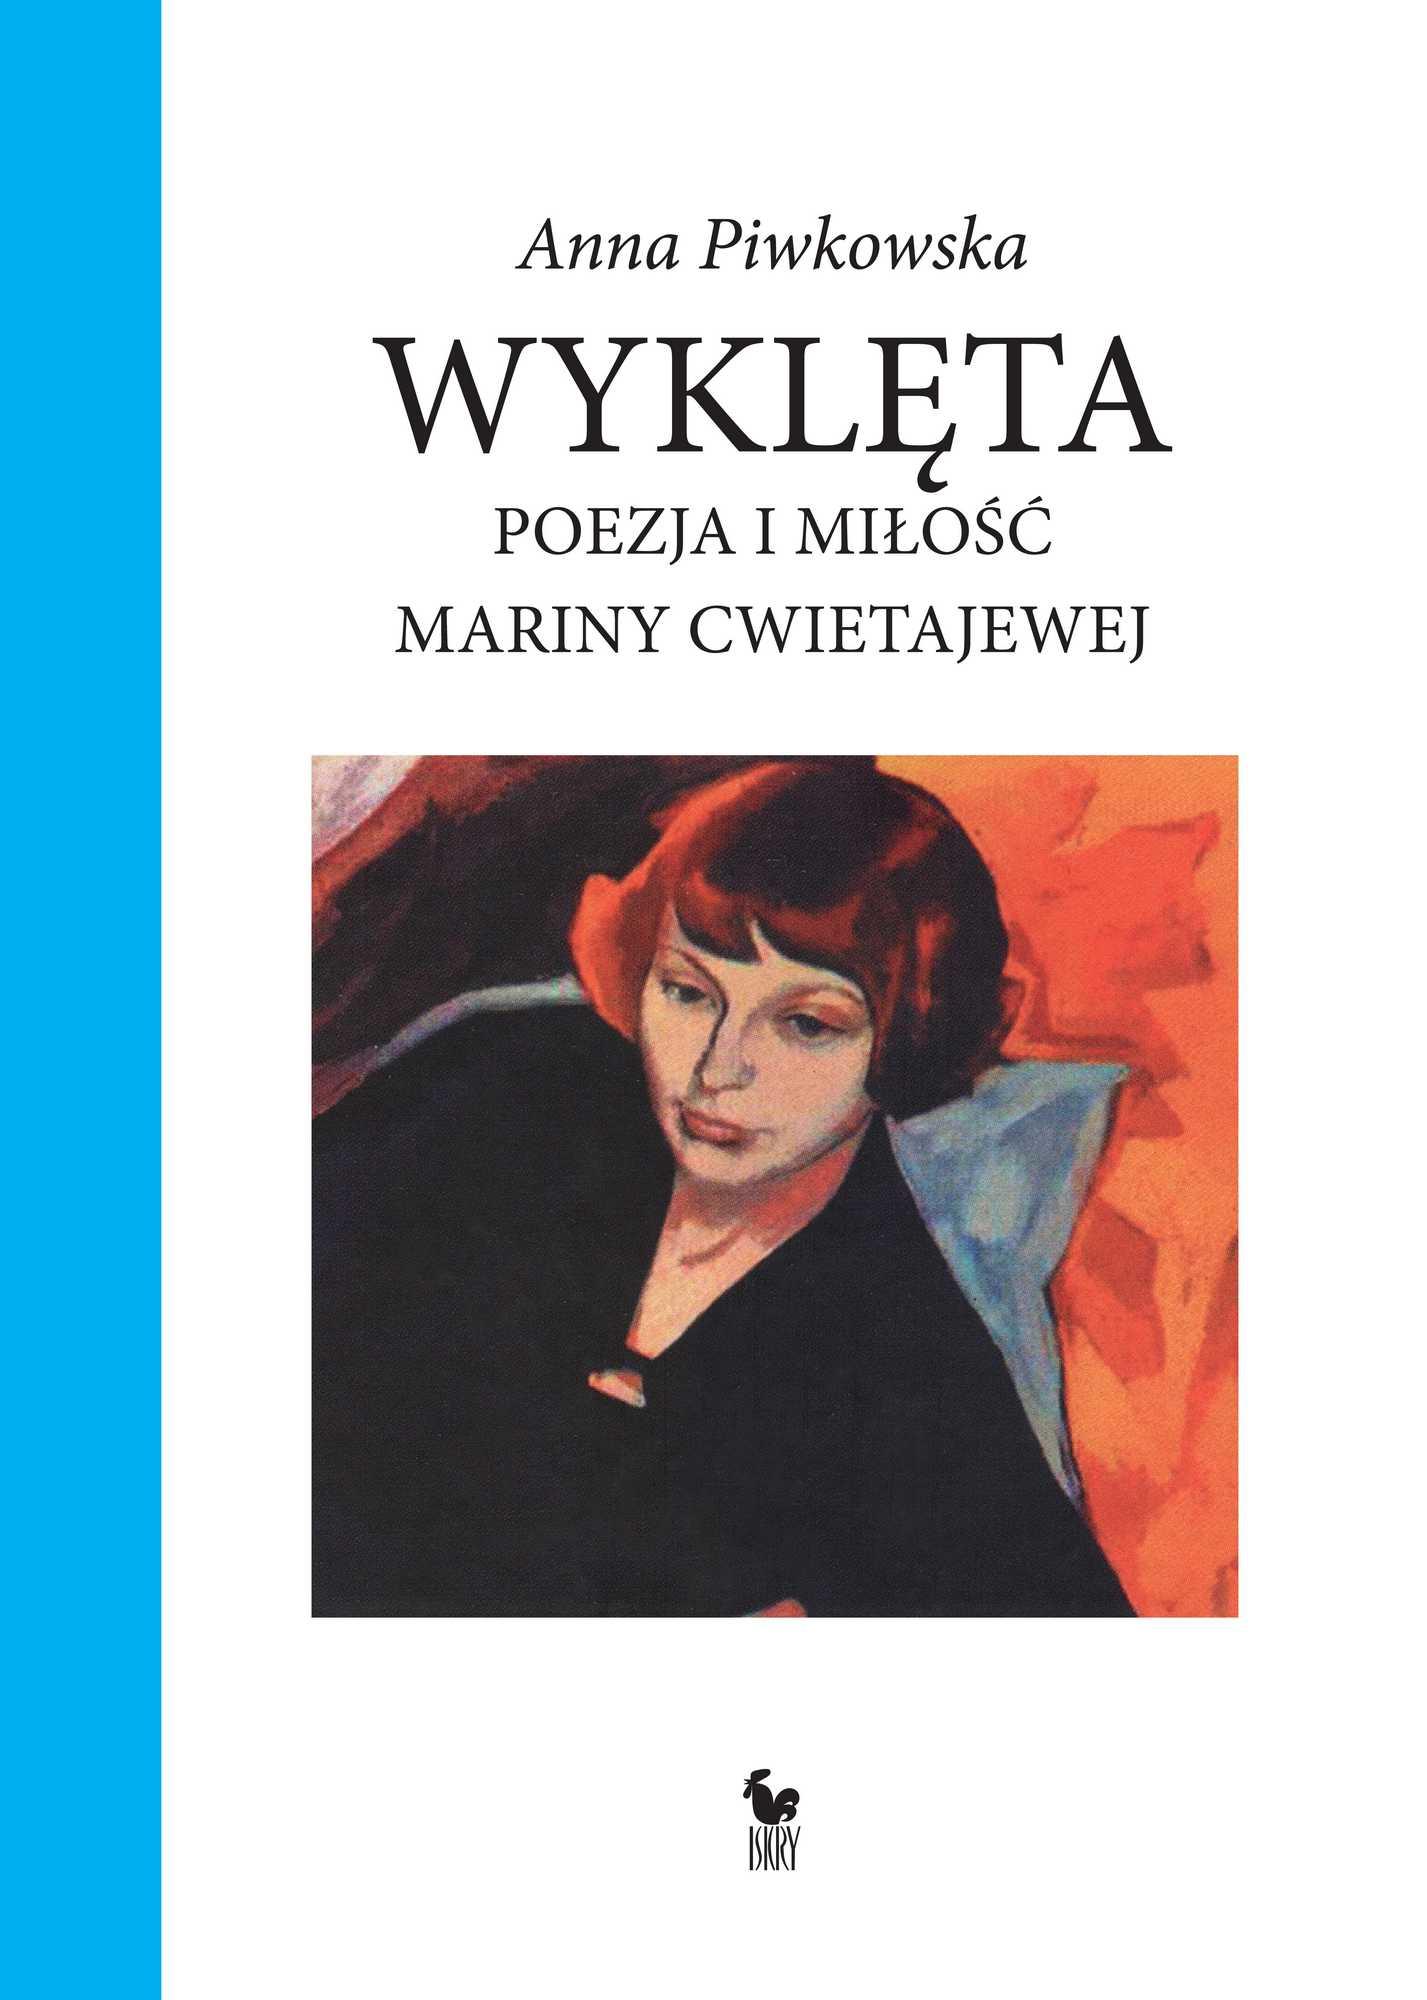 """Anna Piwkowska,""""Wyklęta. Poezja i miłość Mariny Cwietajewej"""" – okładka (źródło: materiały prasowe wydawcy)"""